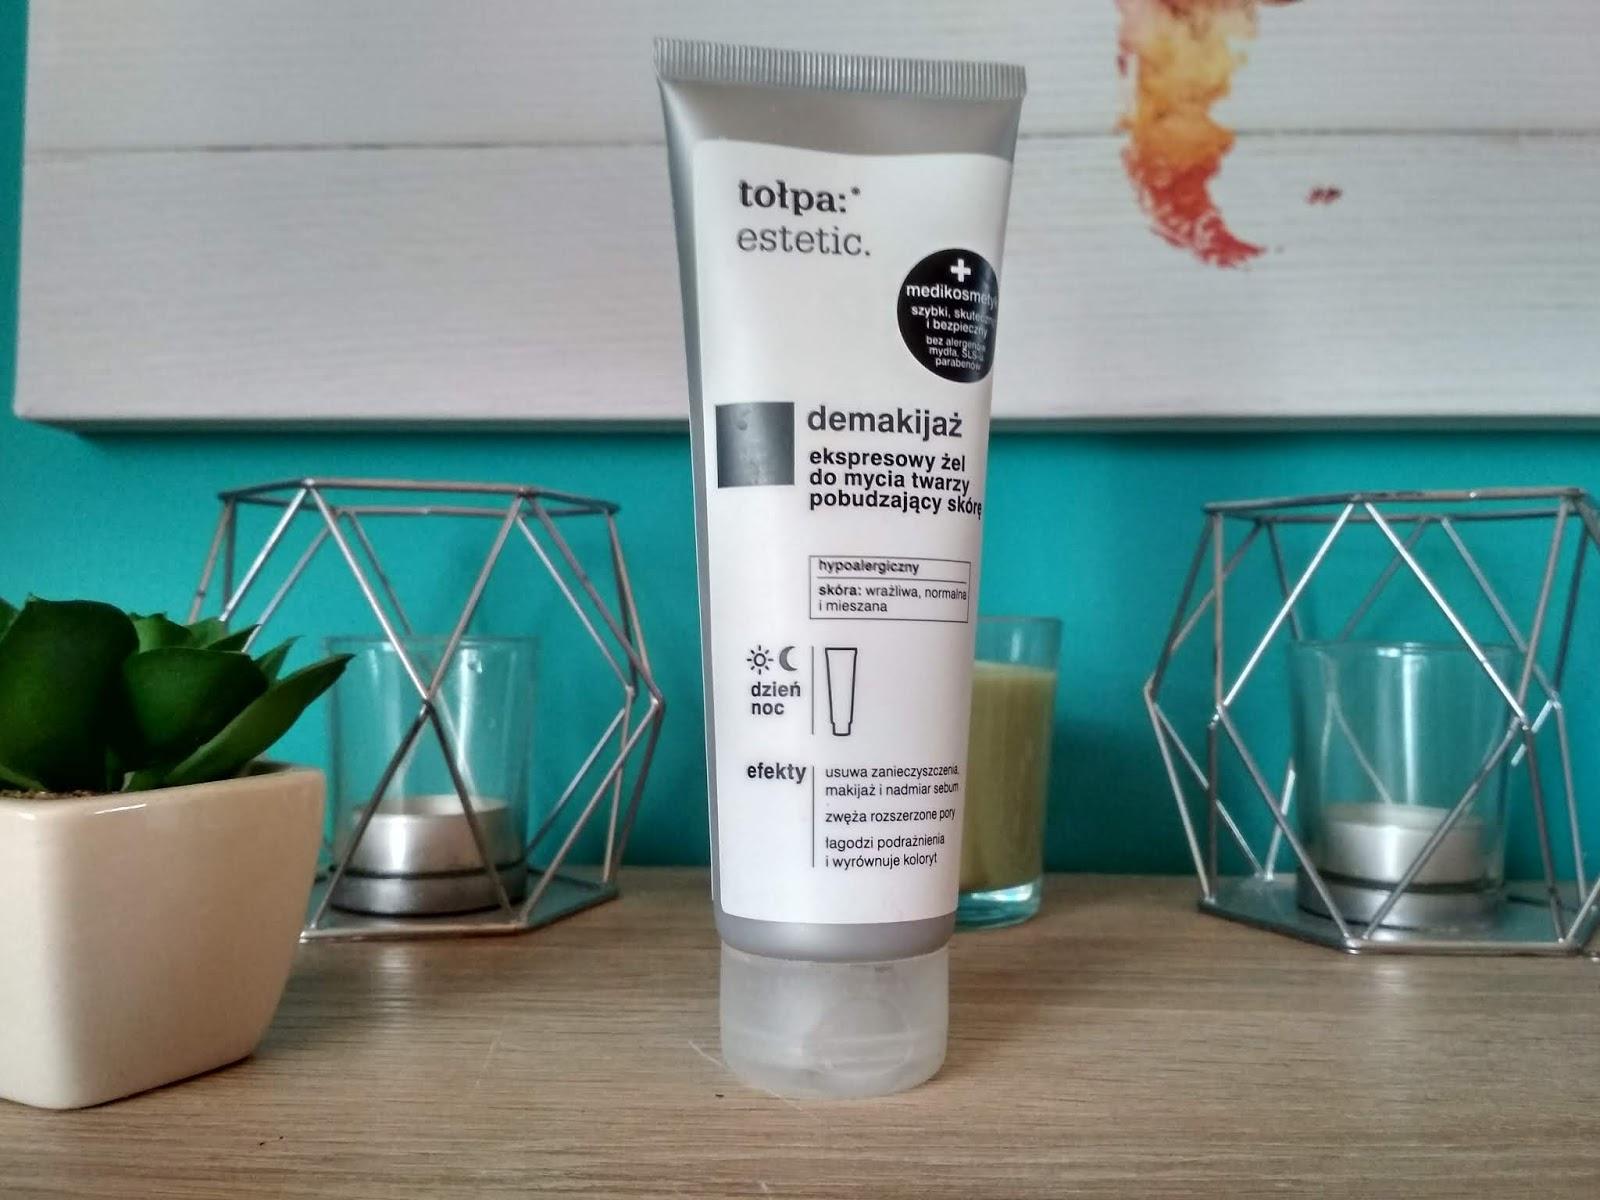 Recenzja - Tołpa:estetic. demakijaż - ekspresowy żel do mycia twarzy pobudzający skórę | N. o kosmetykach